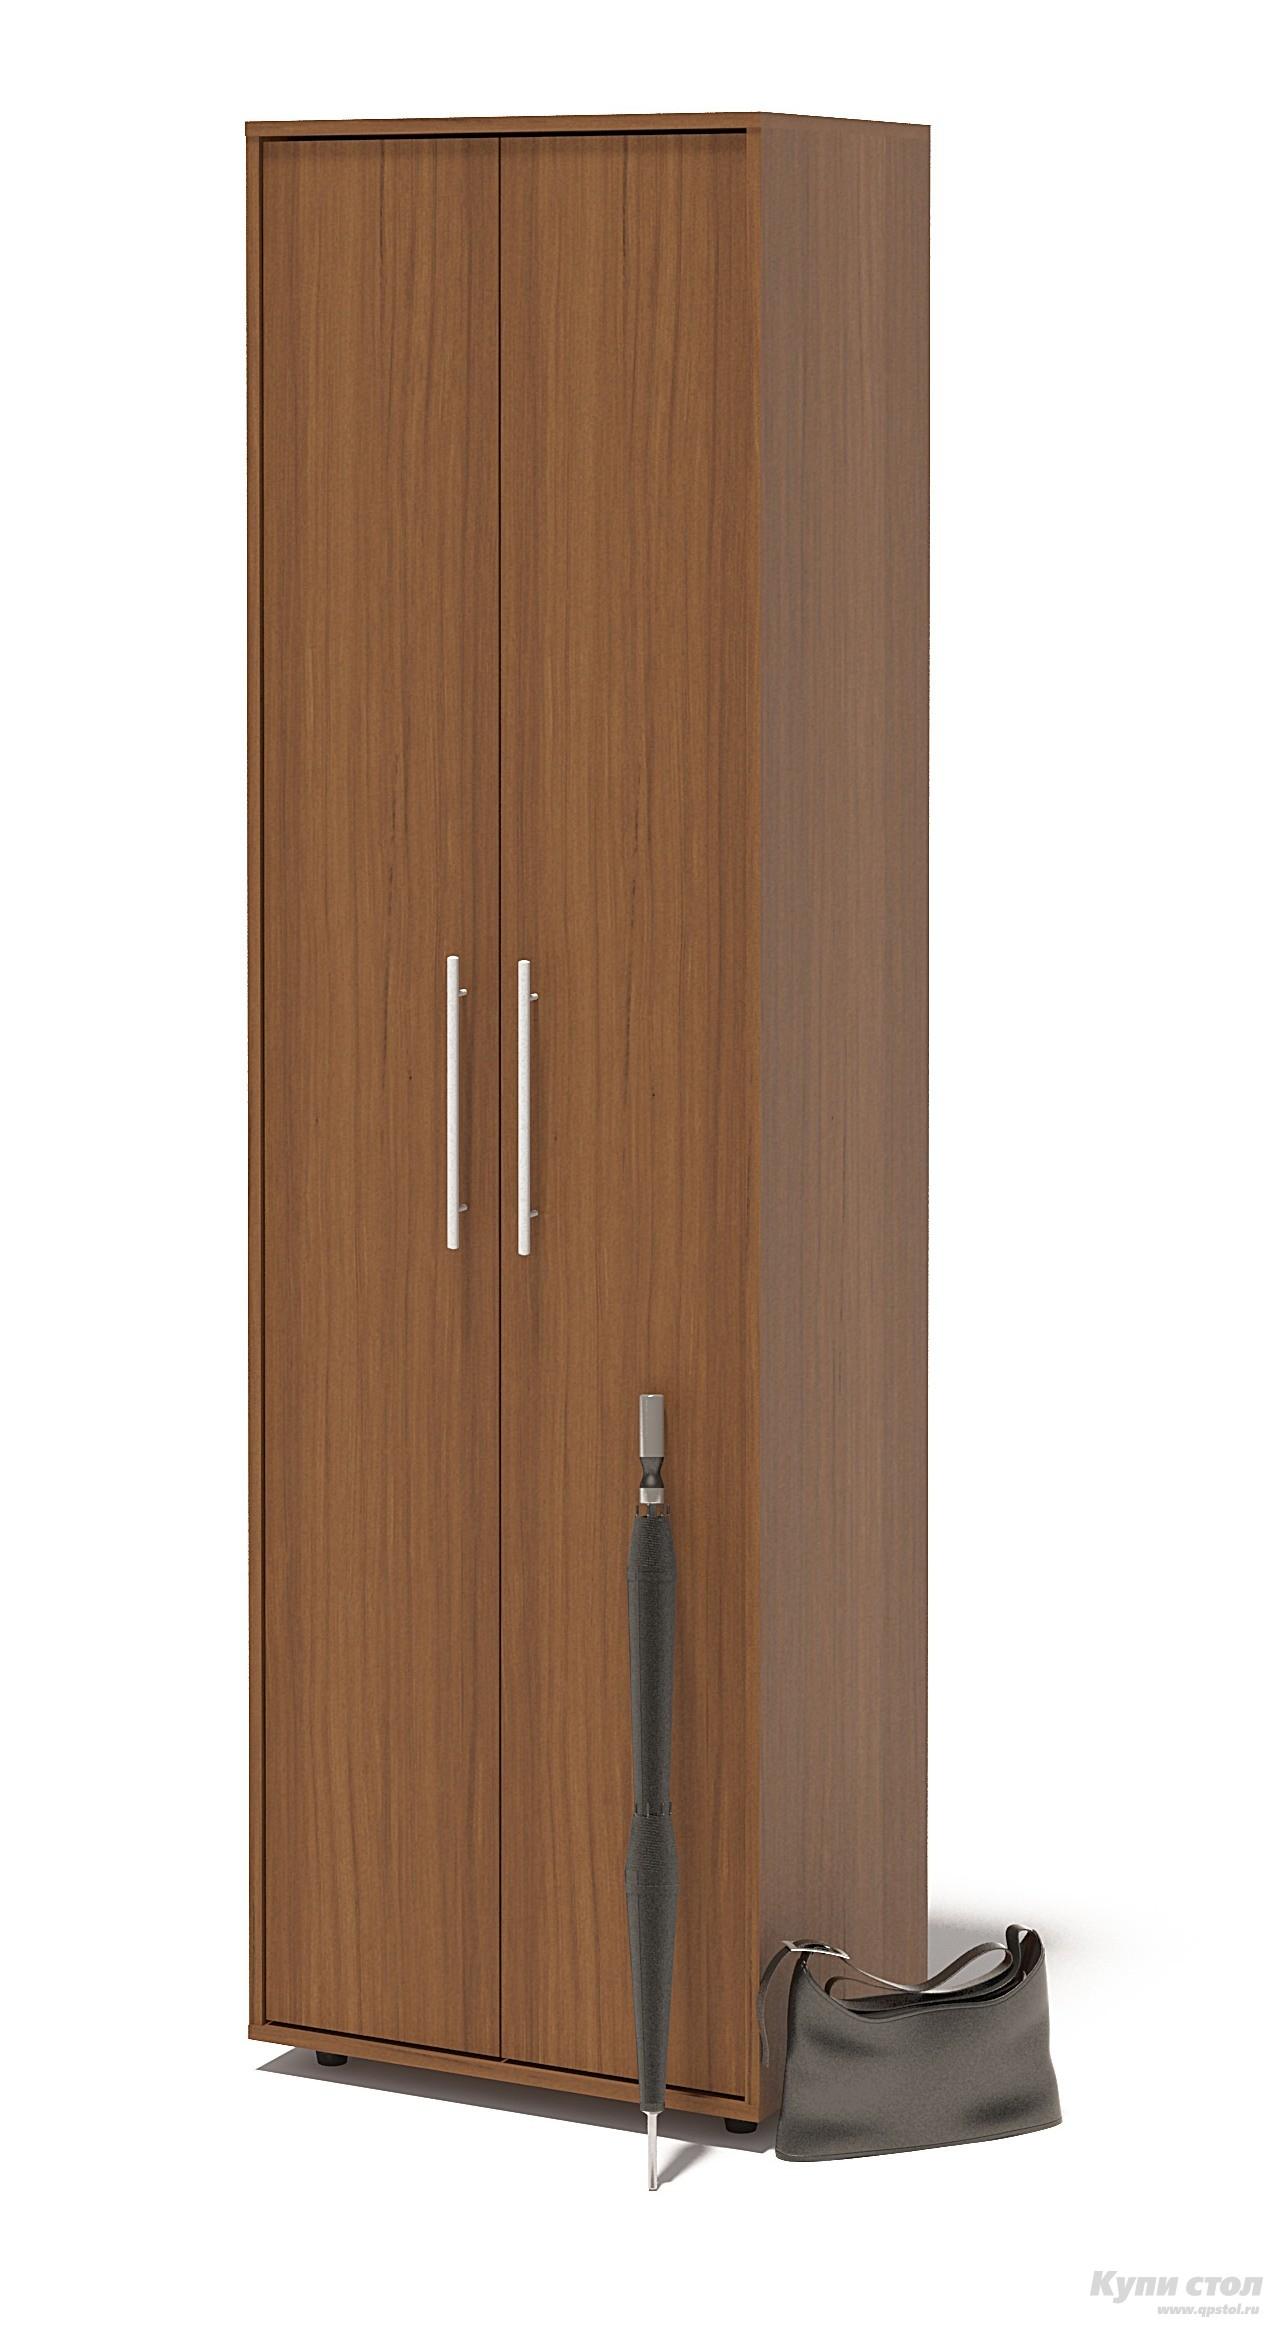 Шкаф распашной Сокол ШО-1 Ноче-эккоШкафы распашные<br>Габаритные размеры ВхШхГ 2087x600x429 мм. Шкаф для одежды, шириной 600 мм.  Шкаф оборудован двустворчатыми дверями.  Внутри шкафа расположены две полки и выдвижная вешалка.  Изделие поставляется в разобранном виде.  Хорошо упаковано в гофротару вместе с необходимой фурнитурой для сборки и подробной инструкцией.   Изготовлена из высококачественной ЛДСП 16мм  Отделывается кромкой ПВХ 0. 4мм Рекомендуем сохранить инструкцию по сборке (паспорт изделия) до истечения гарантийного срока.<br><br>Цвет: Ноче-экко<br>Цвет: Коричневое дерево<br>Высота мм: 2087<br>Ширина мм: 600<br>Глубина мм: 429<br>Кол-во упаковок: 1<br>Форма поставки: В разобранном виде<br>Срок гарантии: 2 года